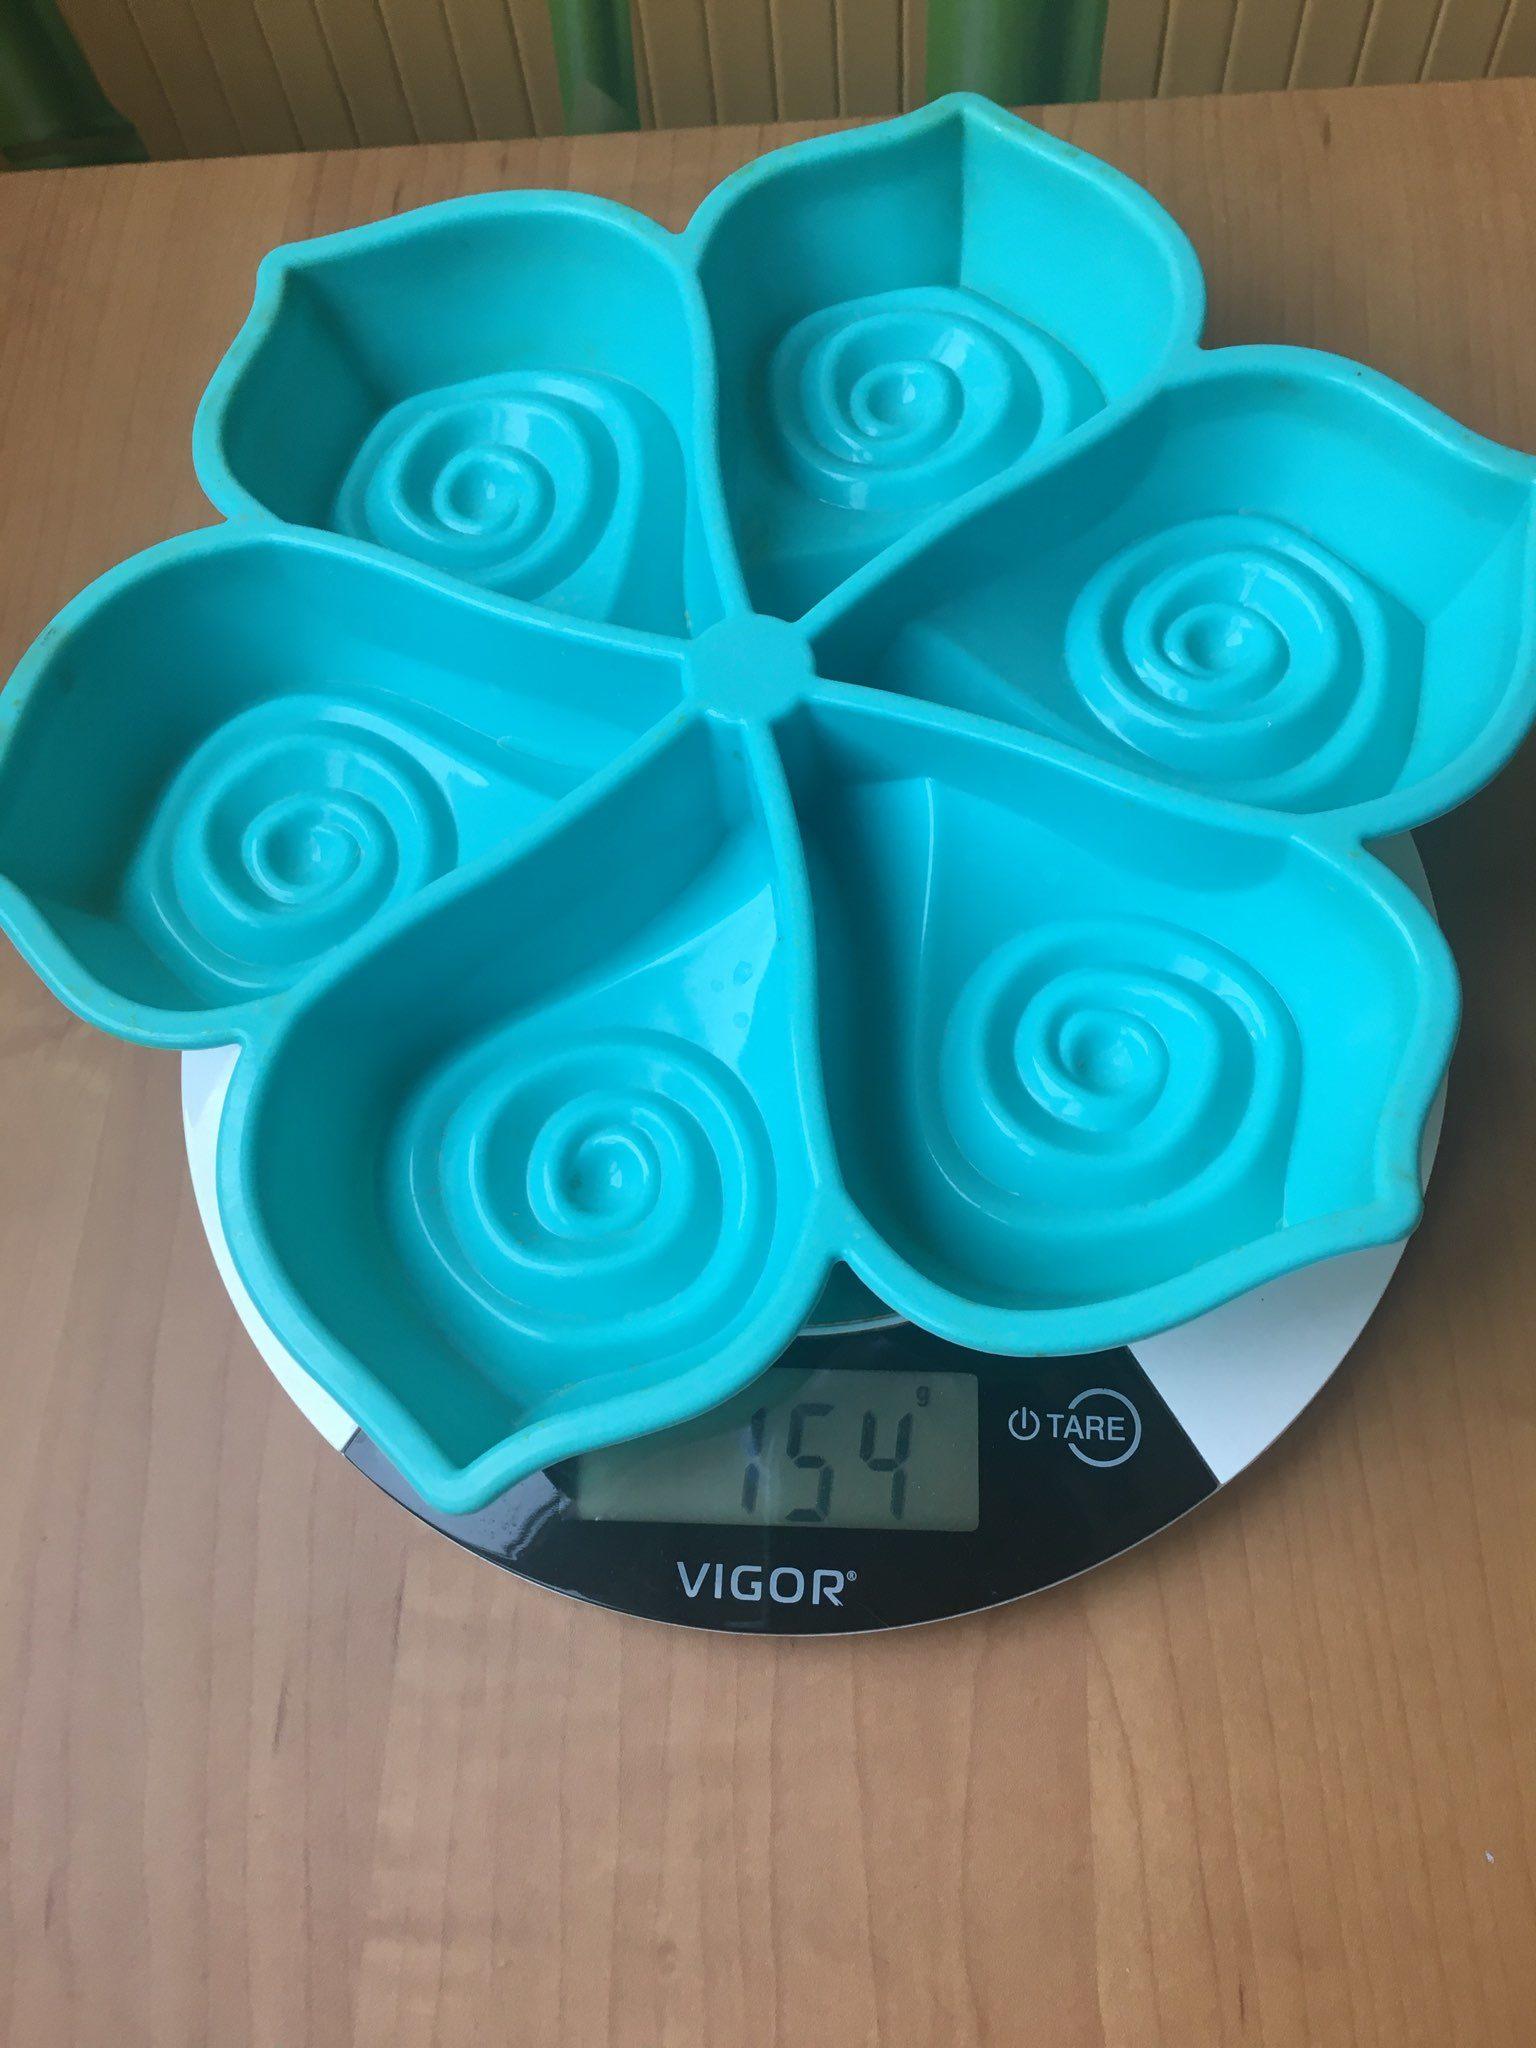 вес силиконовой формы для выпечки